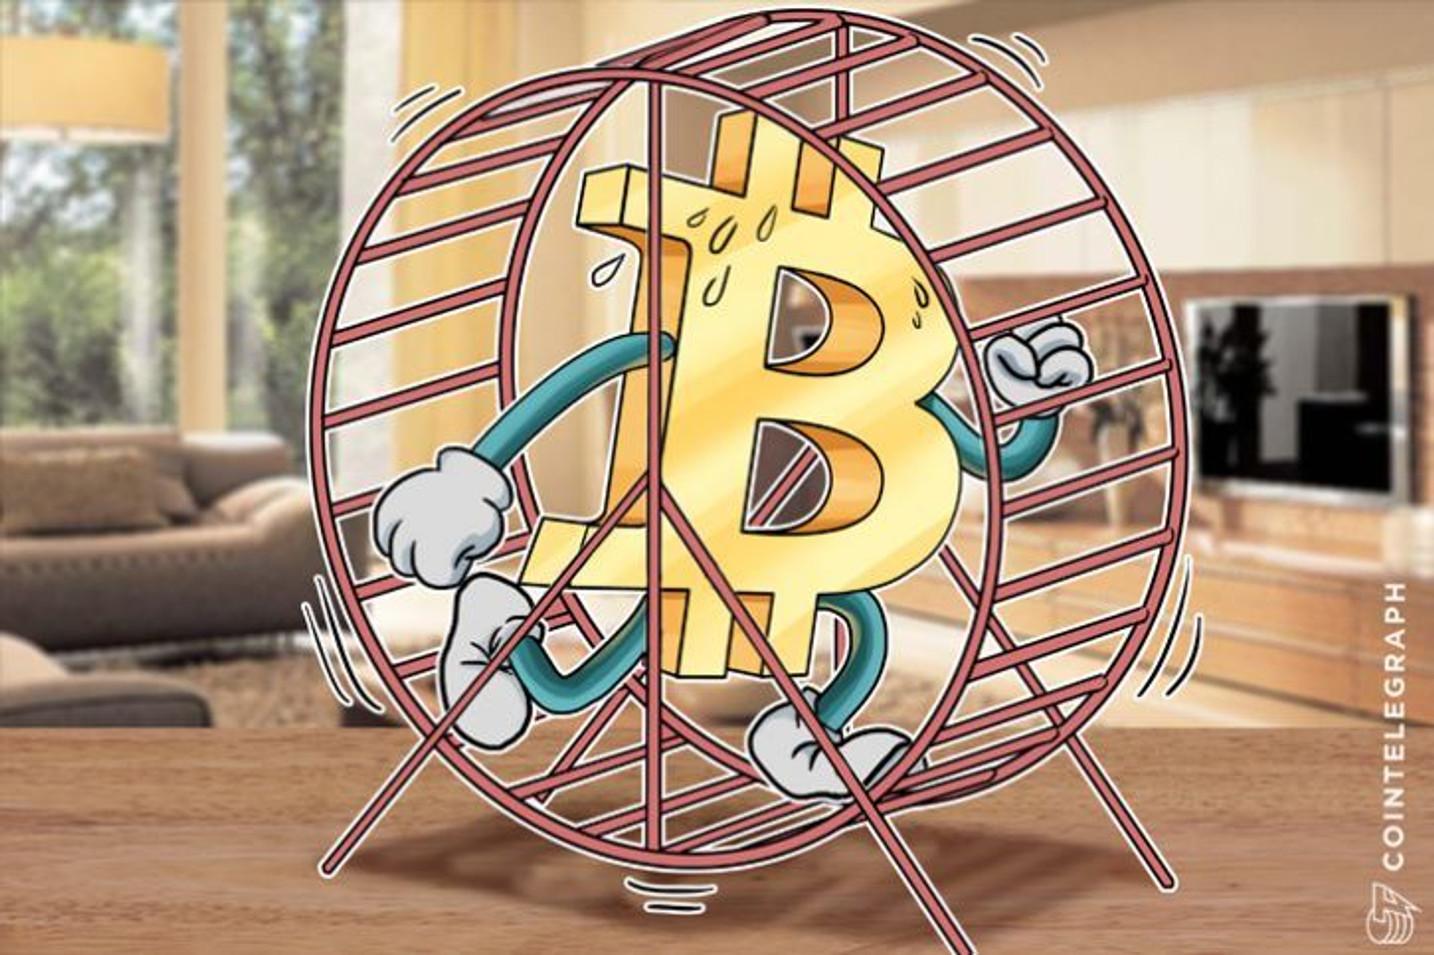 Bitcoin Mempool Drops 90% Despite Localbitcoins Records